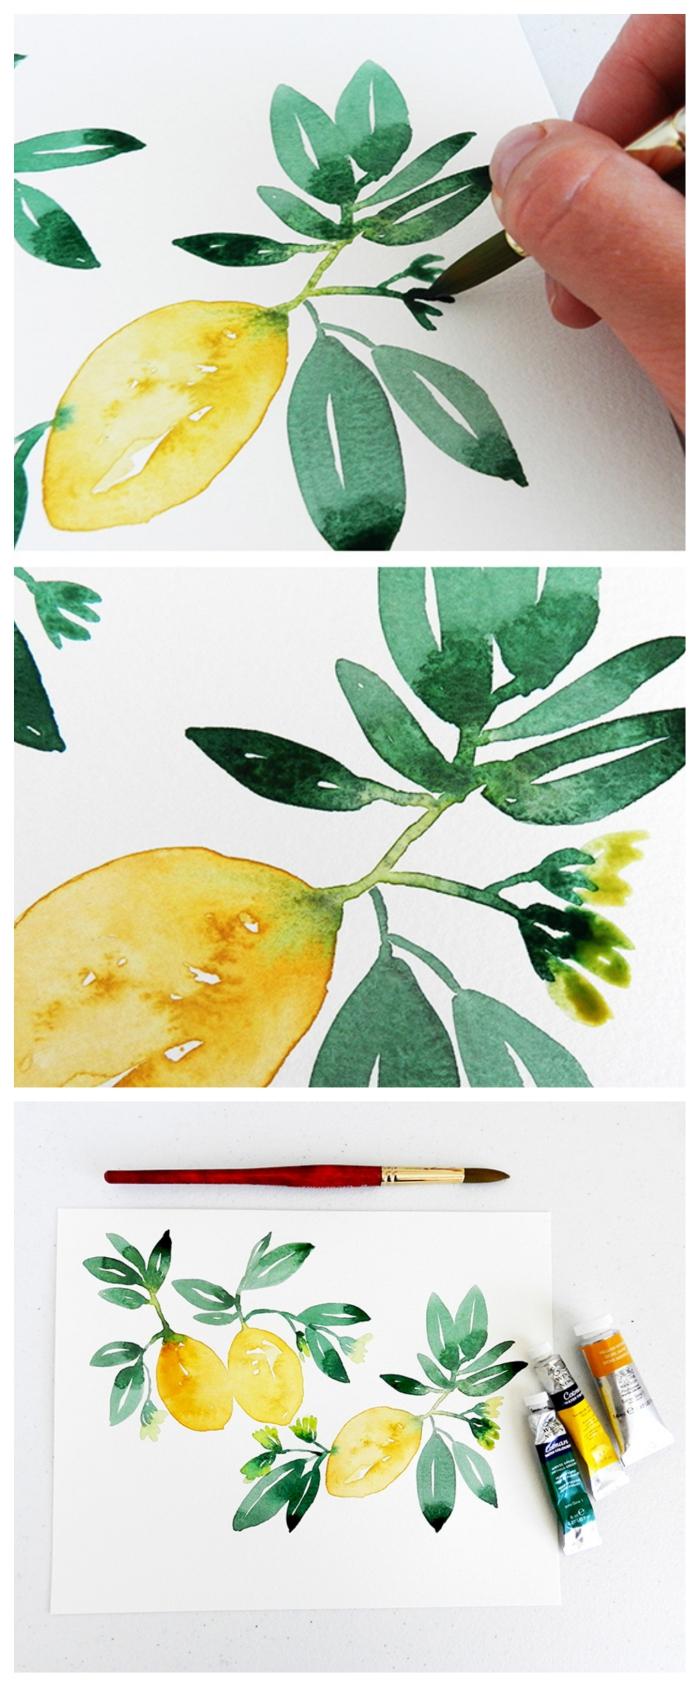 tuto aquarelle pour apprendre à réaliser une branche de citrons, idée pour un art encadré à l'aquarelle facile à réaliser soi-même